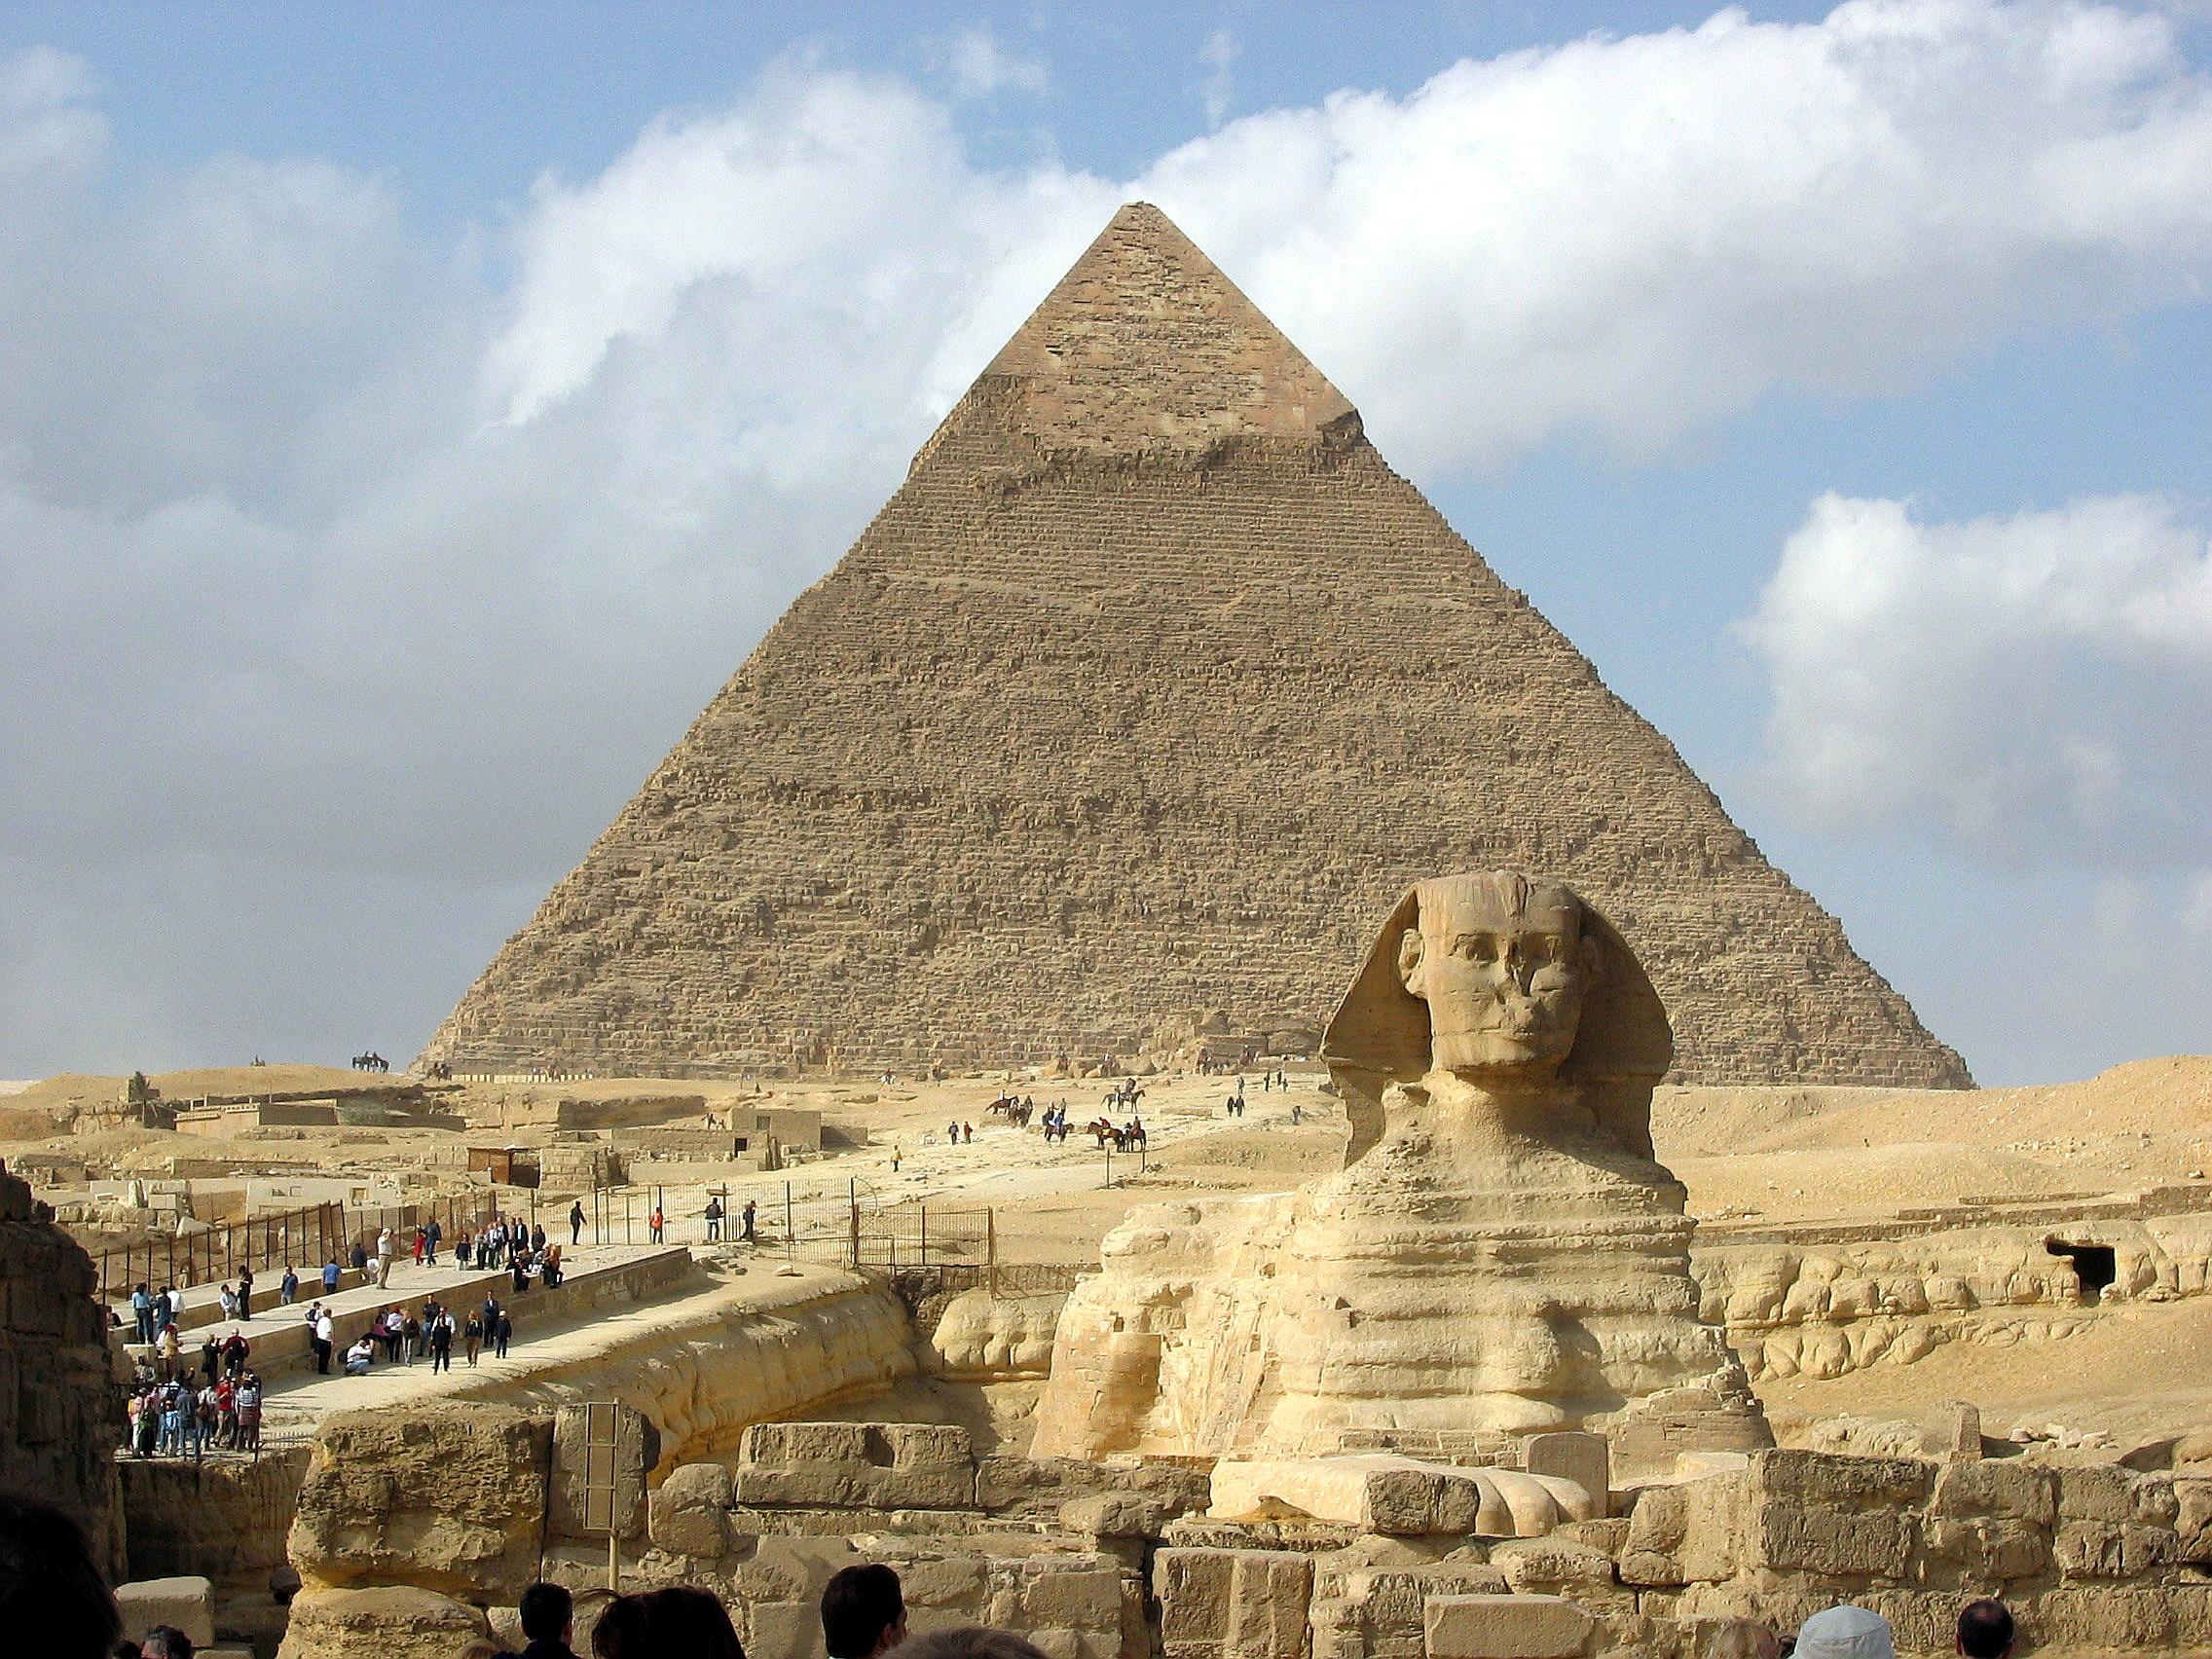 První egyptský jaderný tendr bude zahájen do konce ledna – ministr energetiky